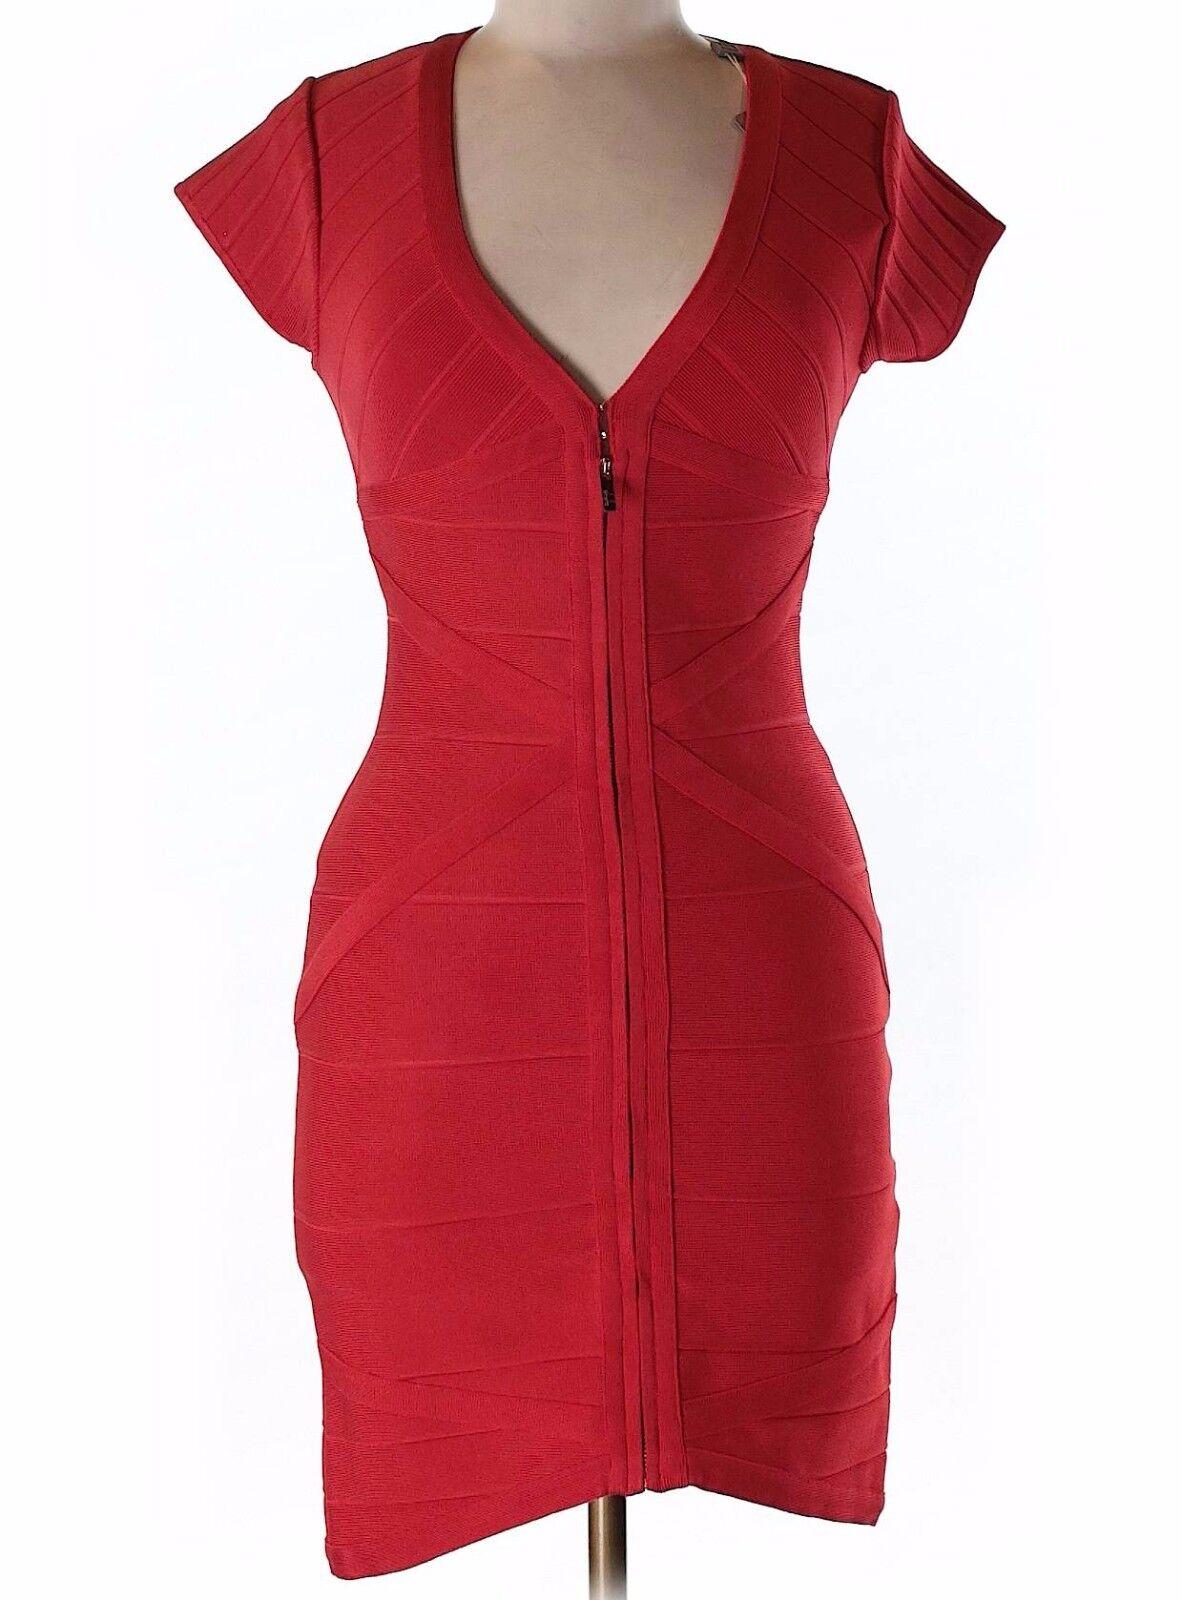 Neuf Avec étiquettes Rouge Stretta Forme Ajustée Silhouette Robe Taille M